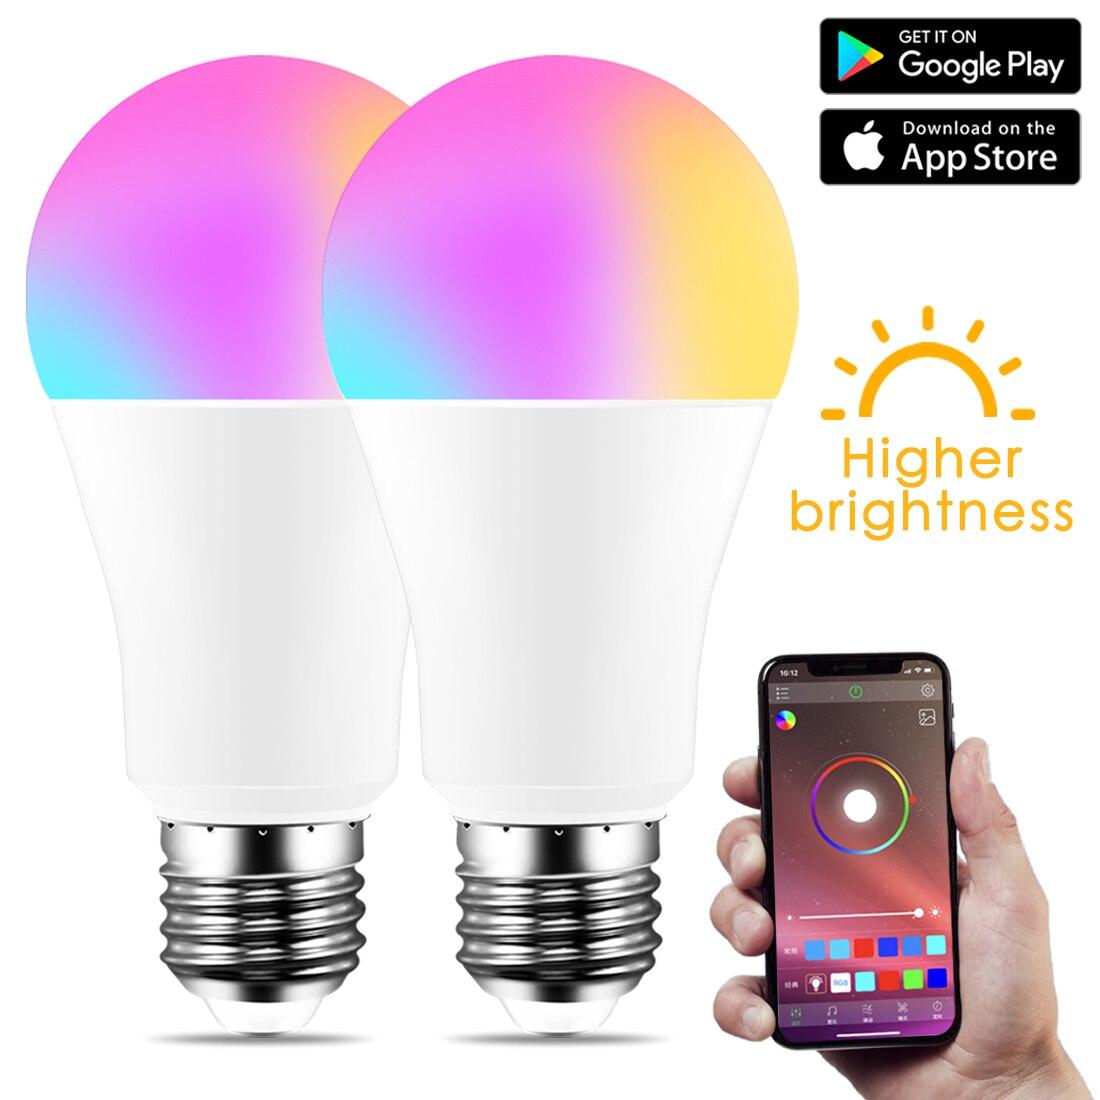 جديد سماعة لاسلكية تعمل بالبلوتوث 4.0 مصباح ذكي إضاءة المنزل مصباح 10 واط E27 ماجيك RGB + واط LED تغيير لون ضوء لمبة عكس الضوء IOS/أندرويد